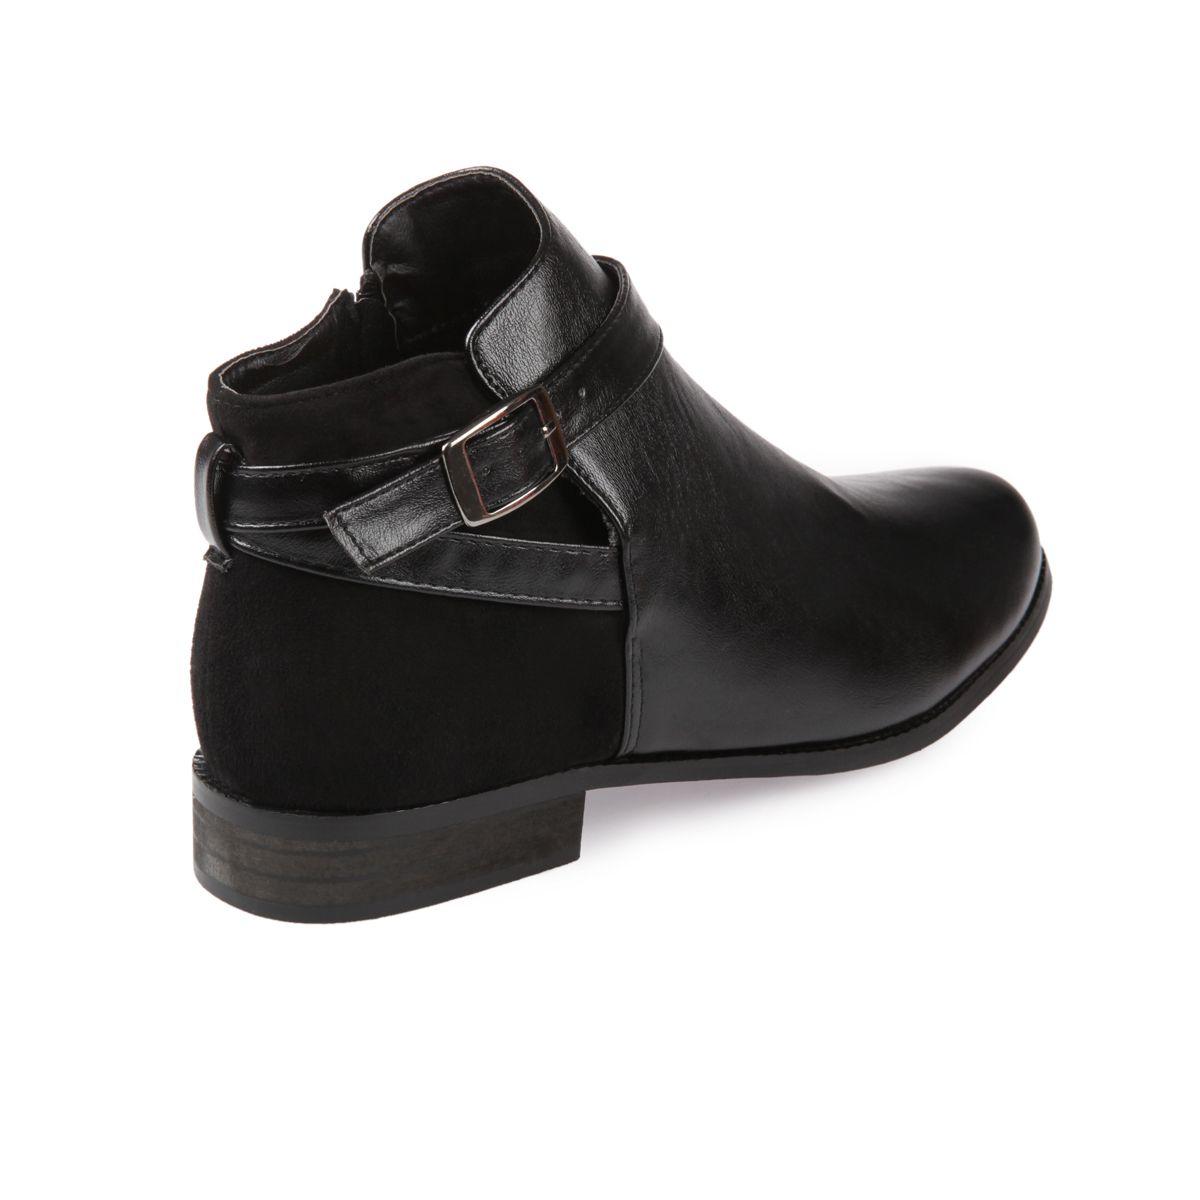 boots femme plates. Black Bedroom Furniture Sets. Home Design Ideas